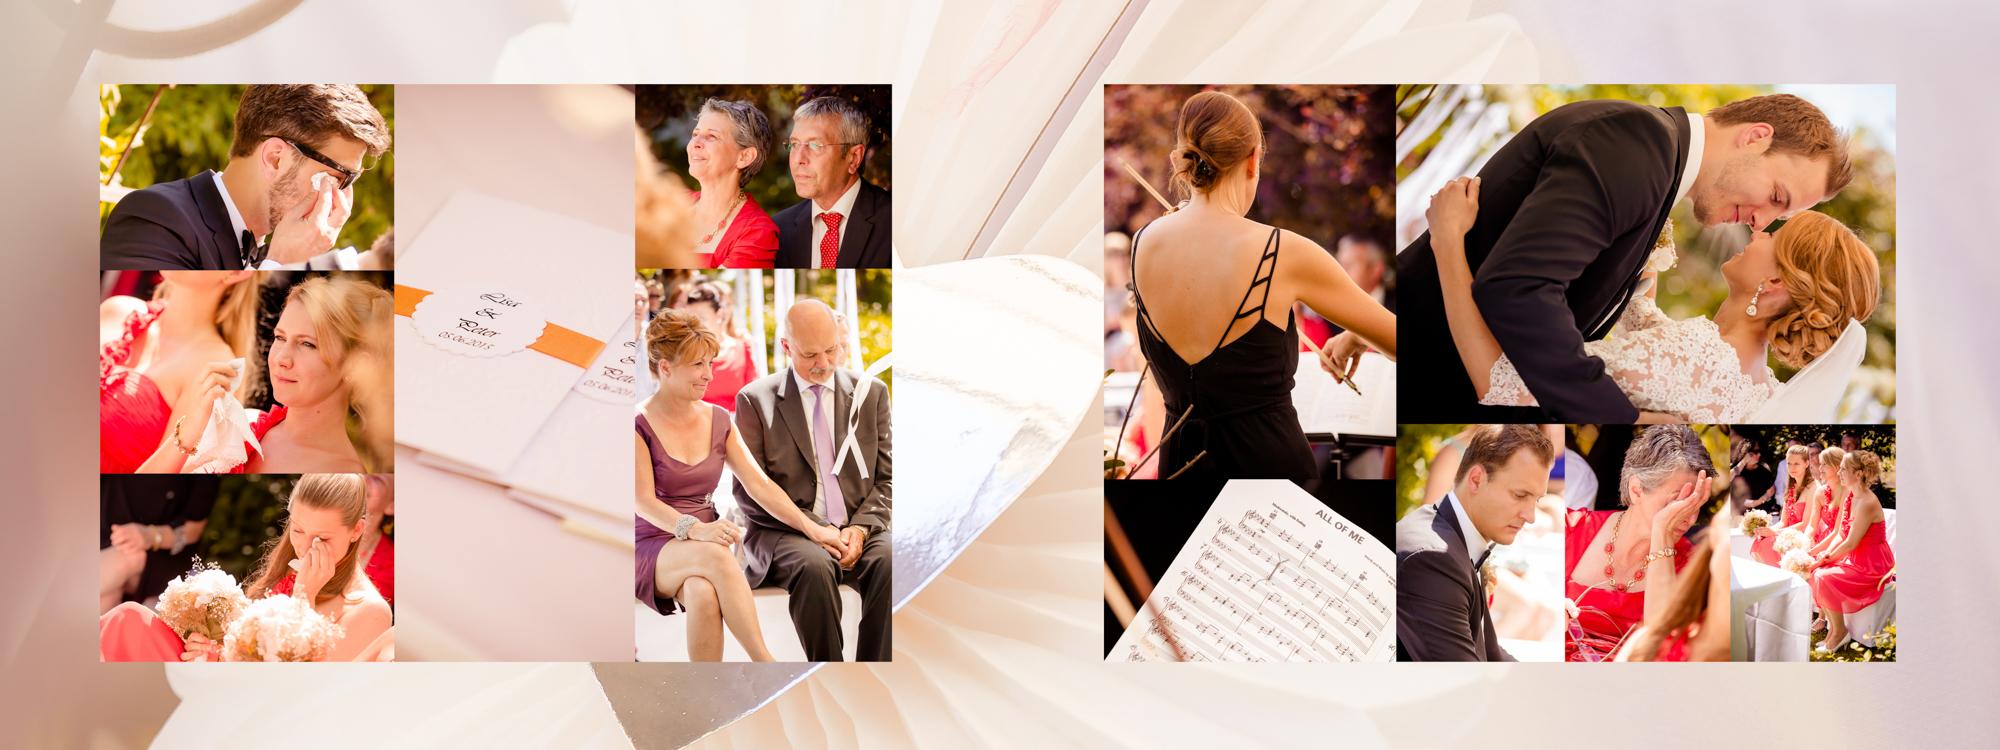 Hochzeitsbuch Lisa & Peter Seite 16